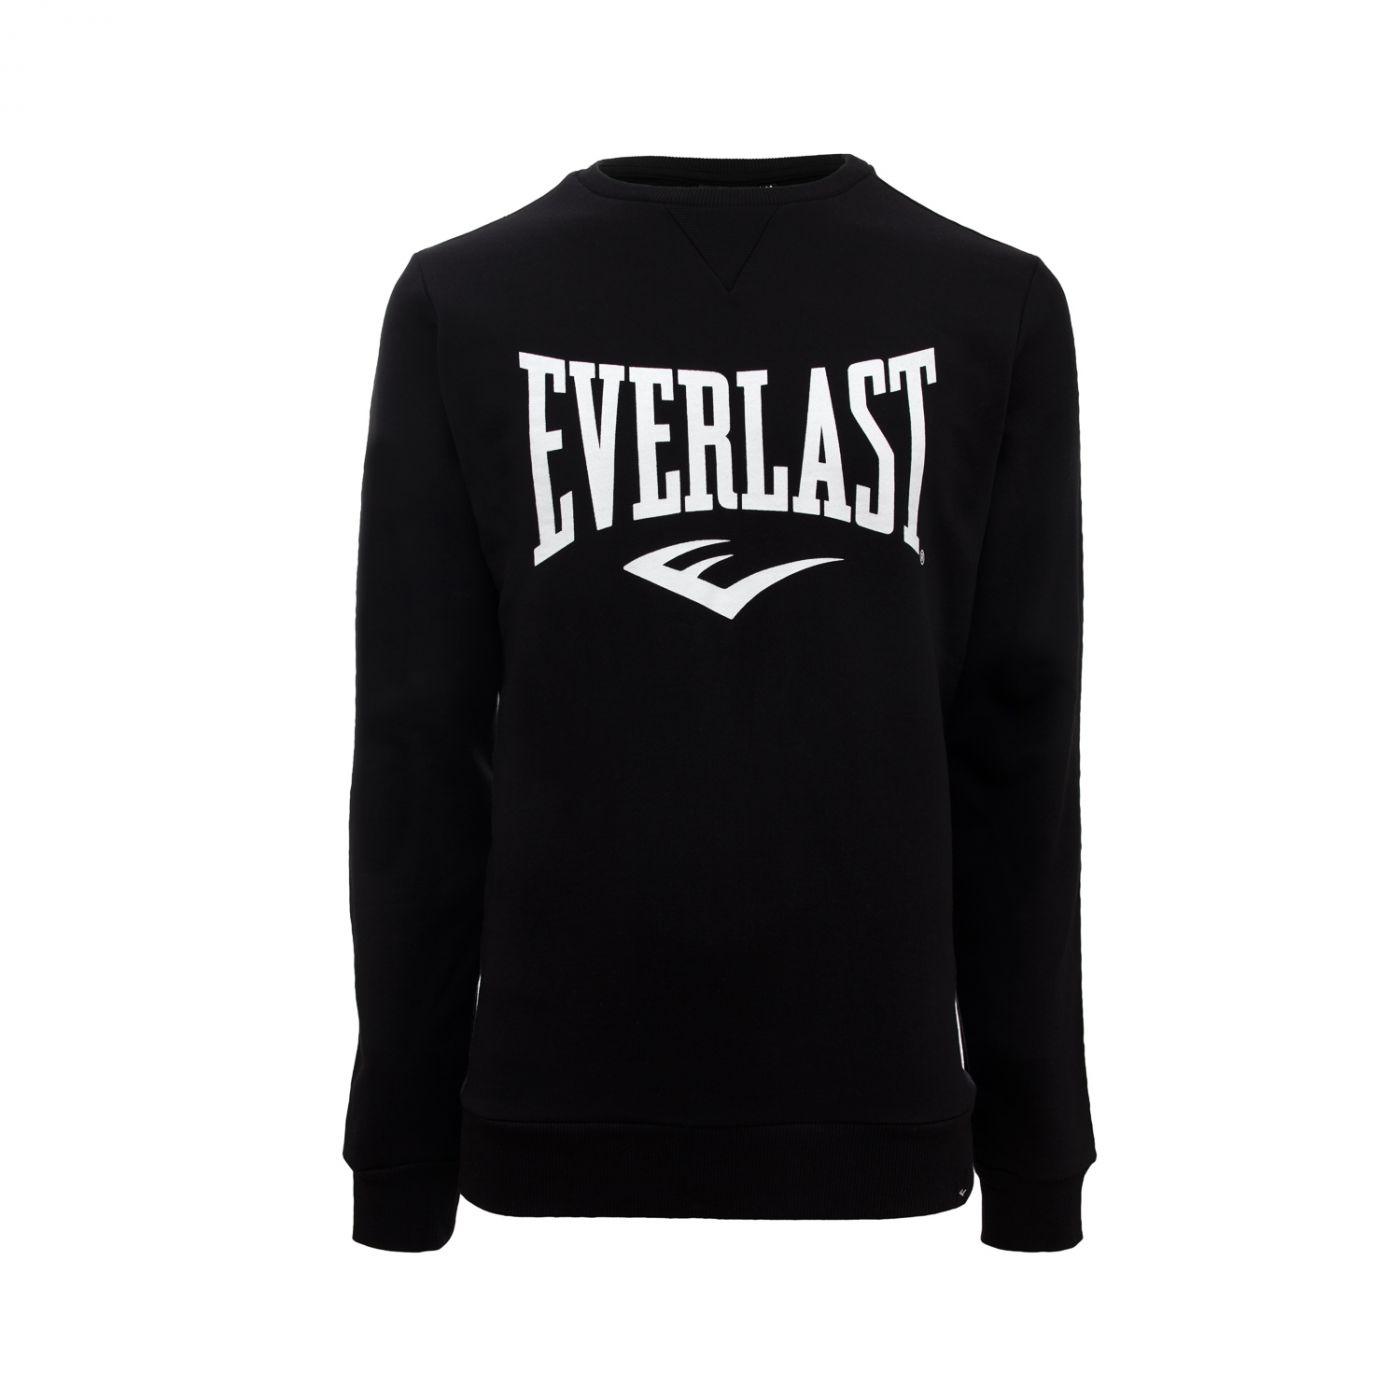 Толстовка Everlast Basic Crew, размер L, чёрная, артикул 788700-60 L BK